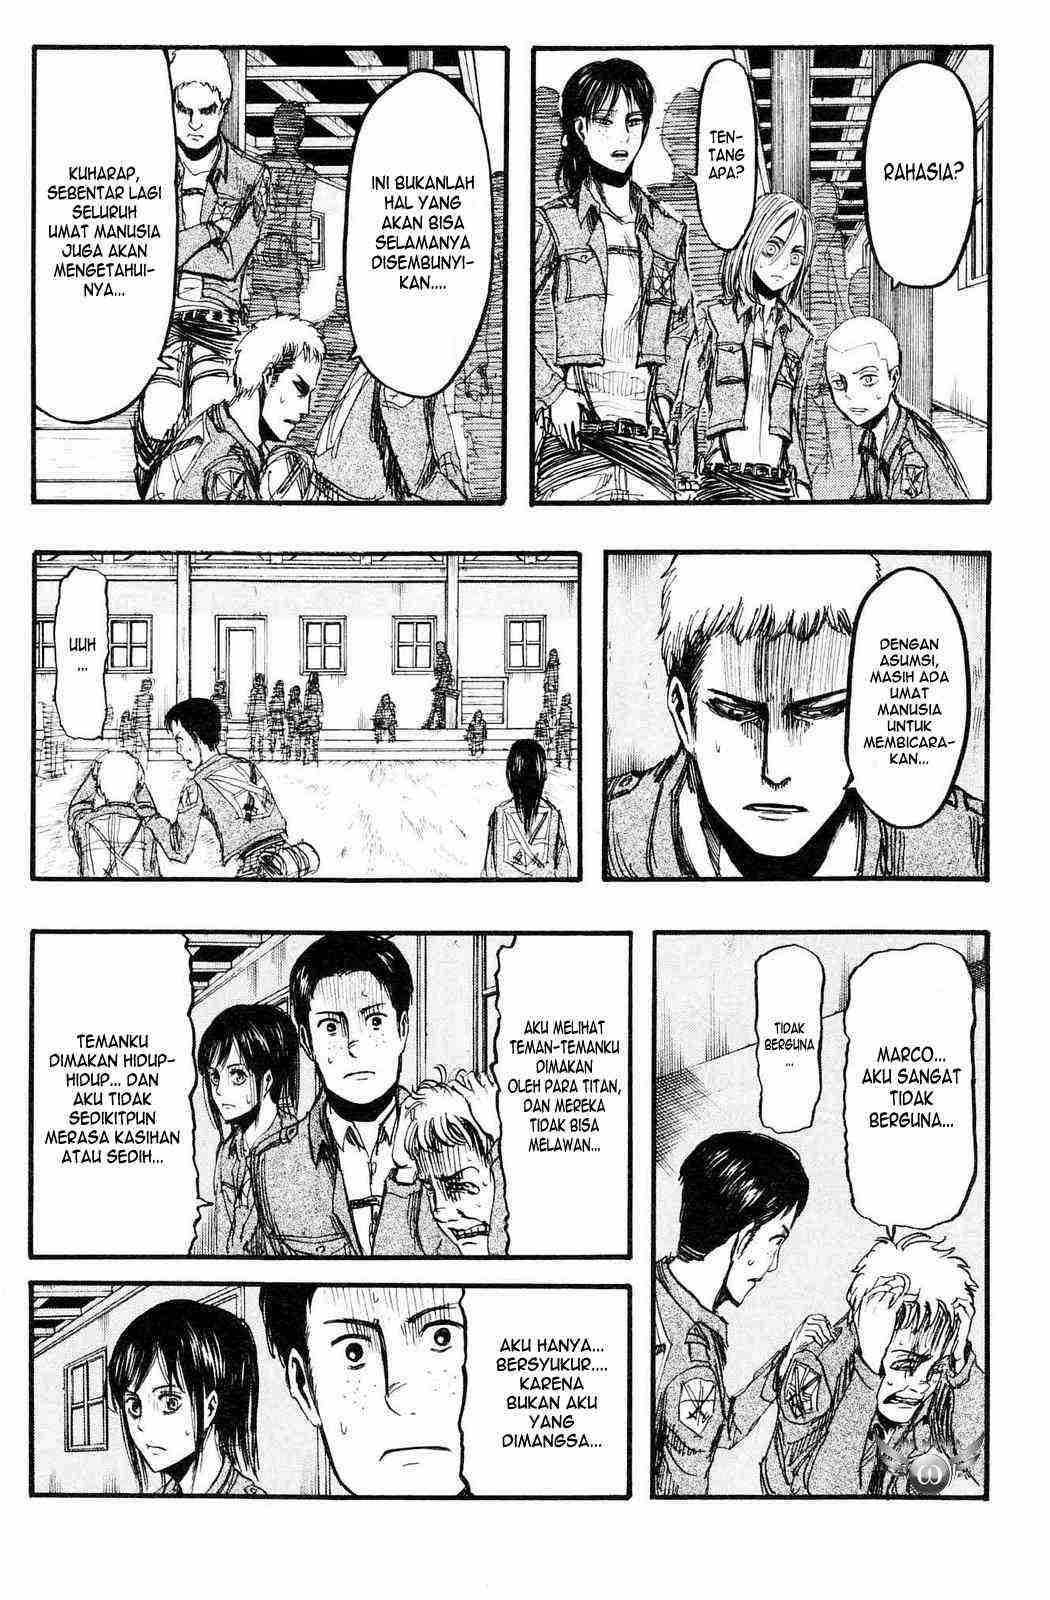 Komik shingeki no kyojin 011 12 Indonesia shingeki no kyojin 011 Terbaru 8|Baca Manga Komik Indonesia|